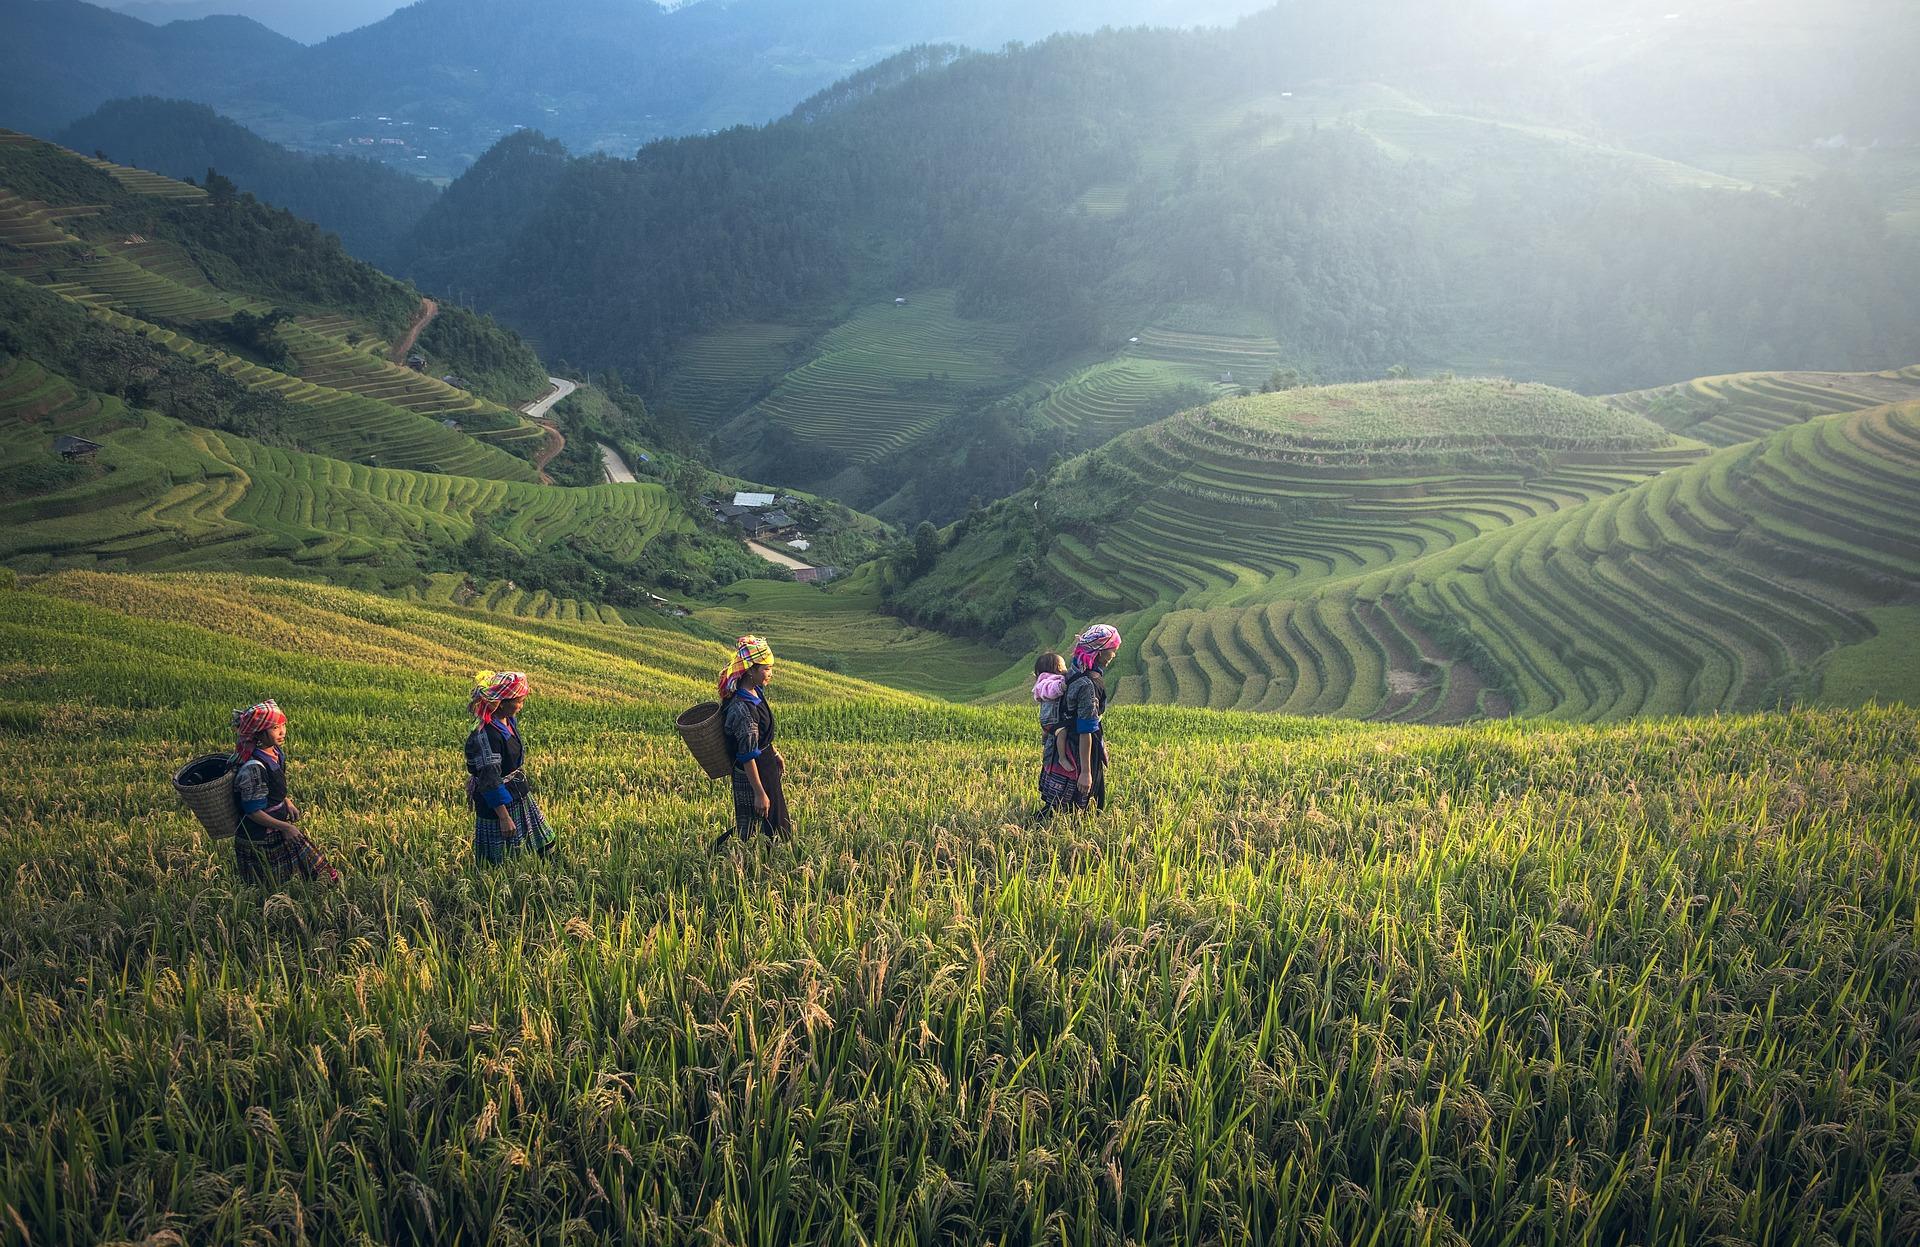 نمایی از مزارع سرسبز در تایلند